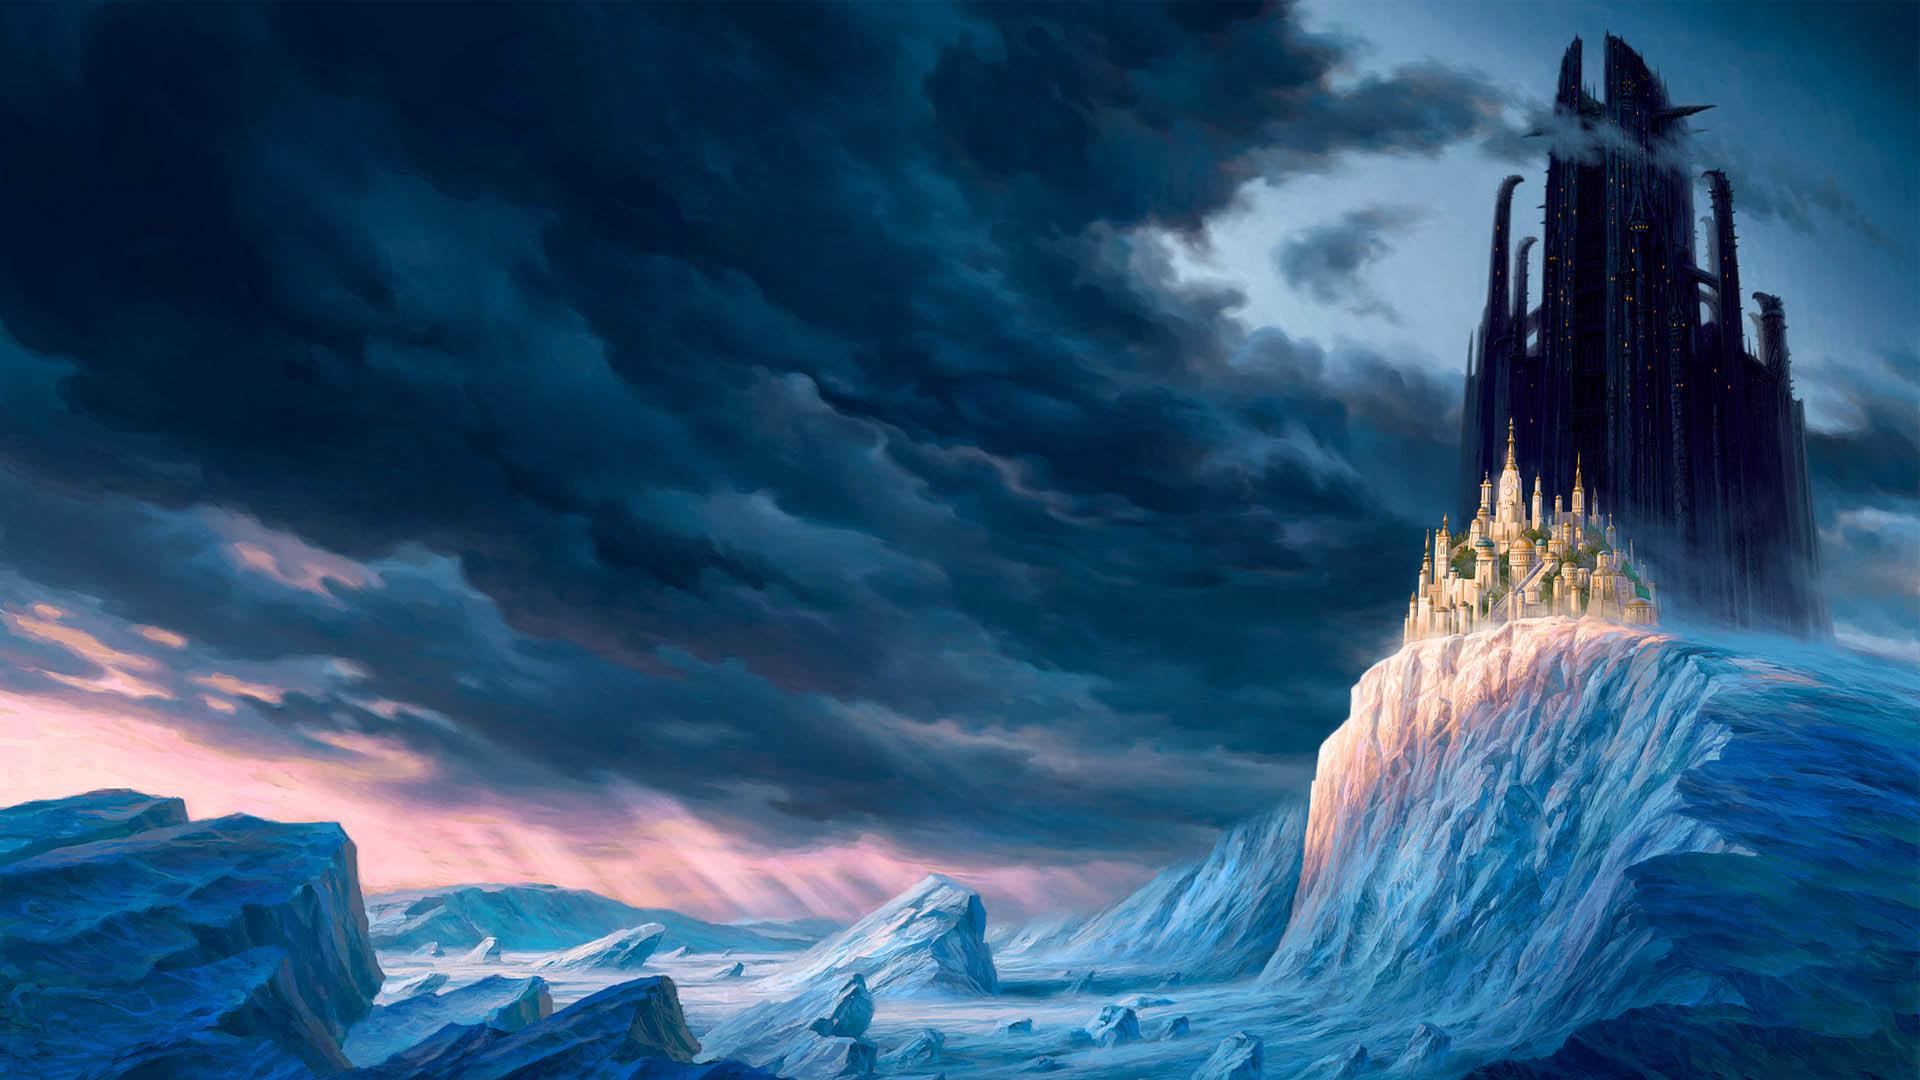 castello di fantasia sfondi hd